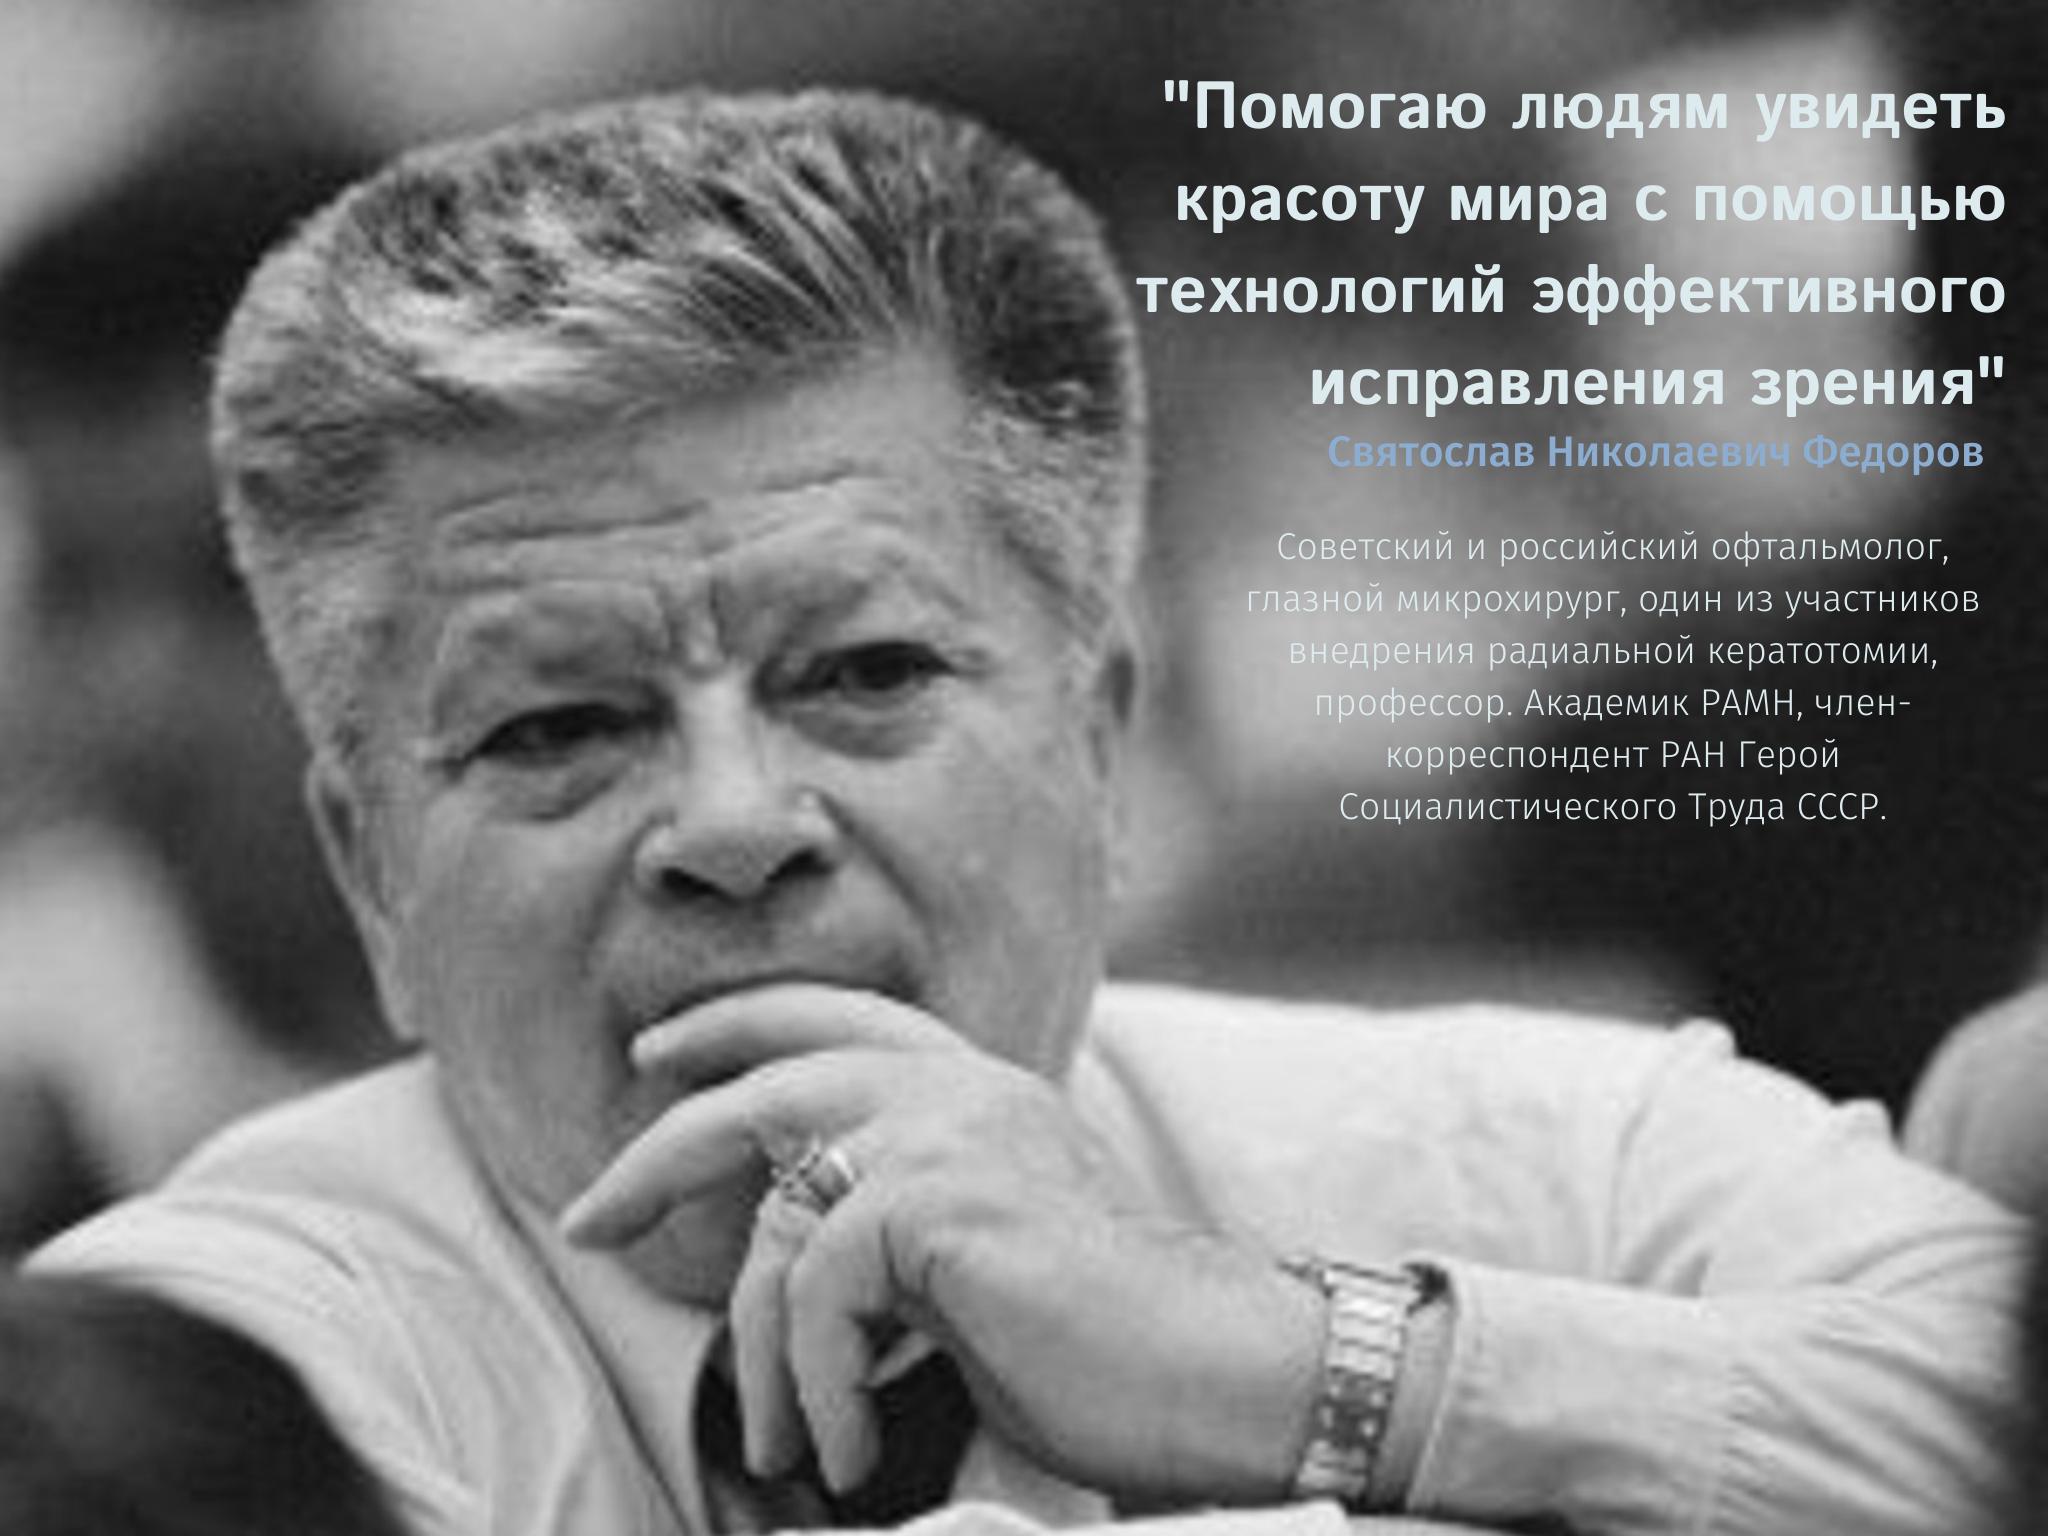 Святослав Николаевич Федоров и его миссия